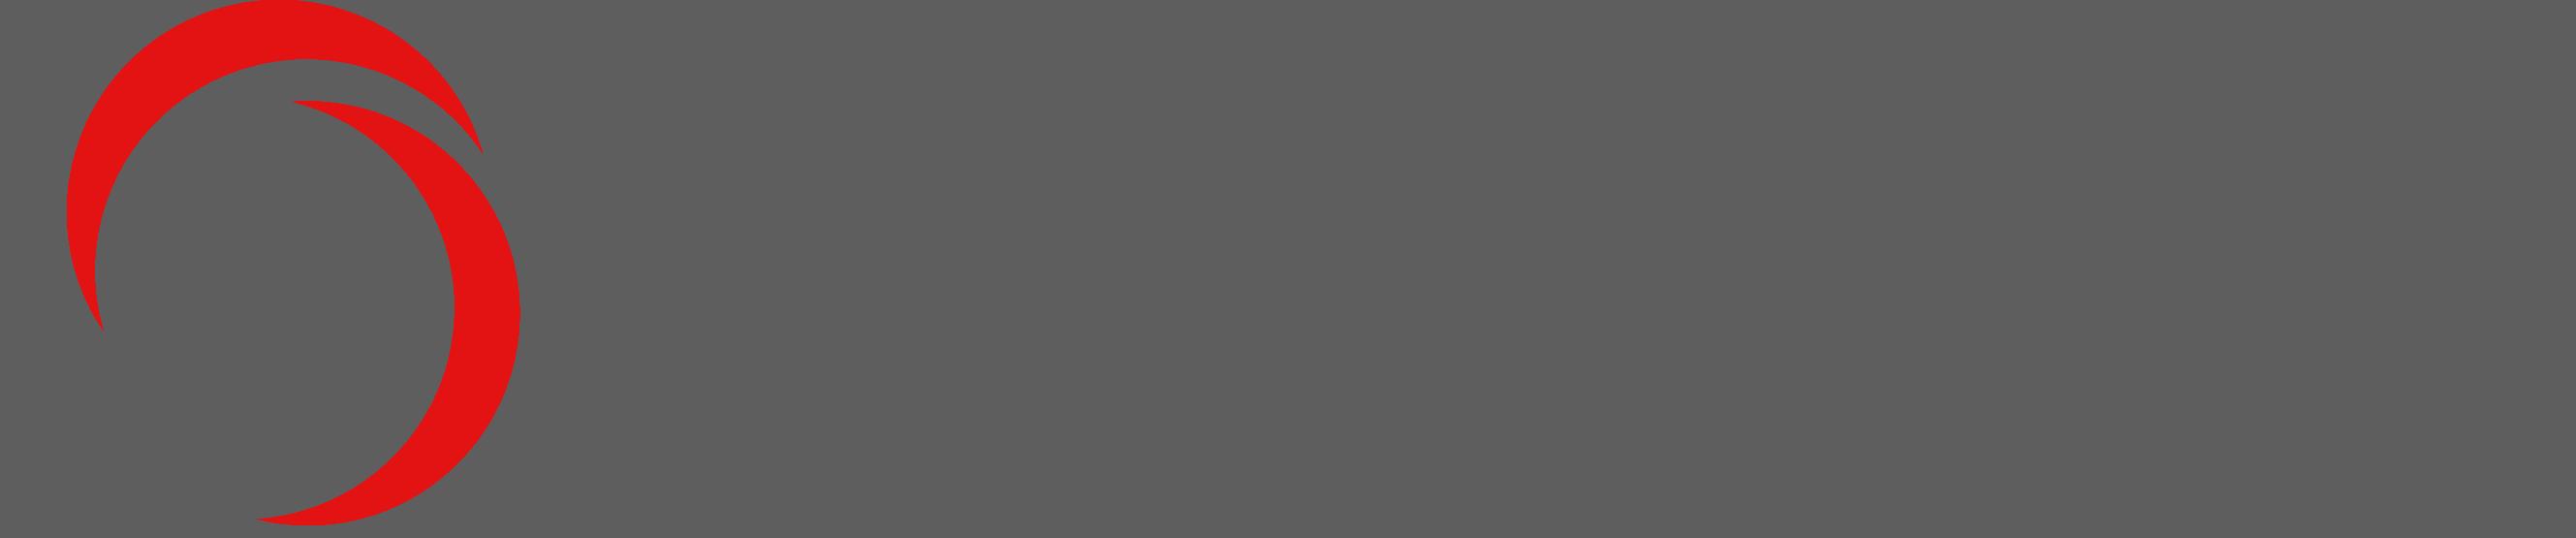 Aunsbjerg